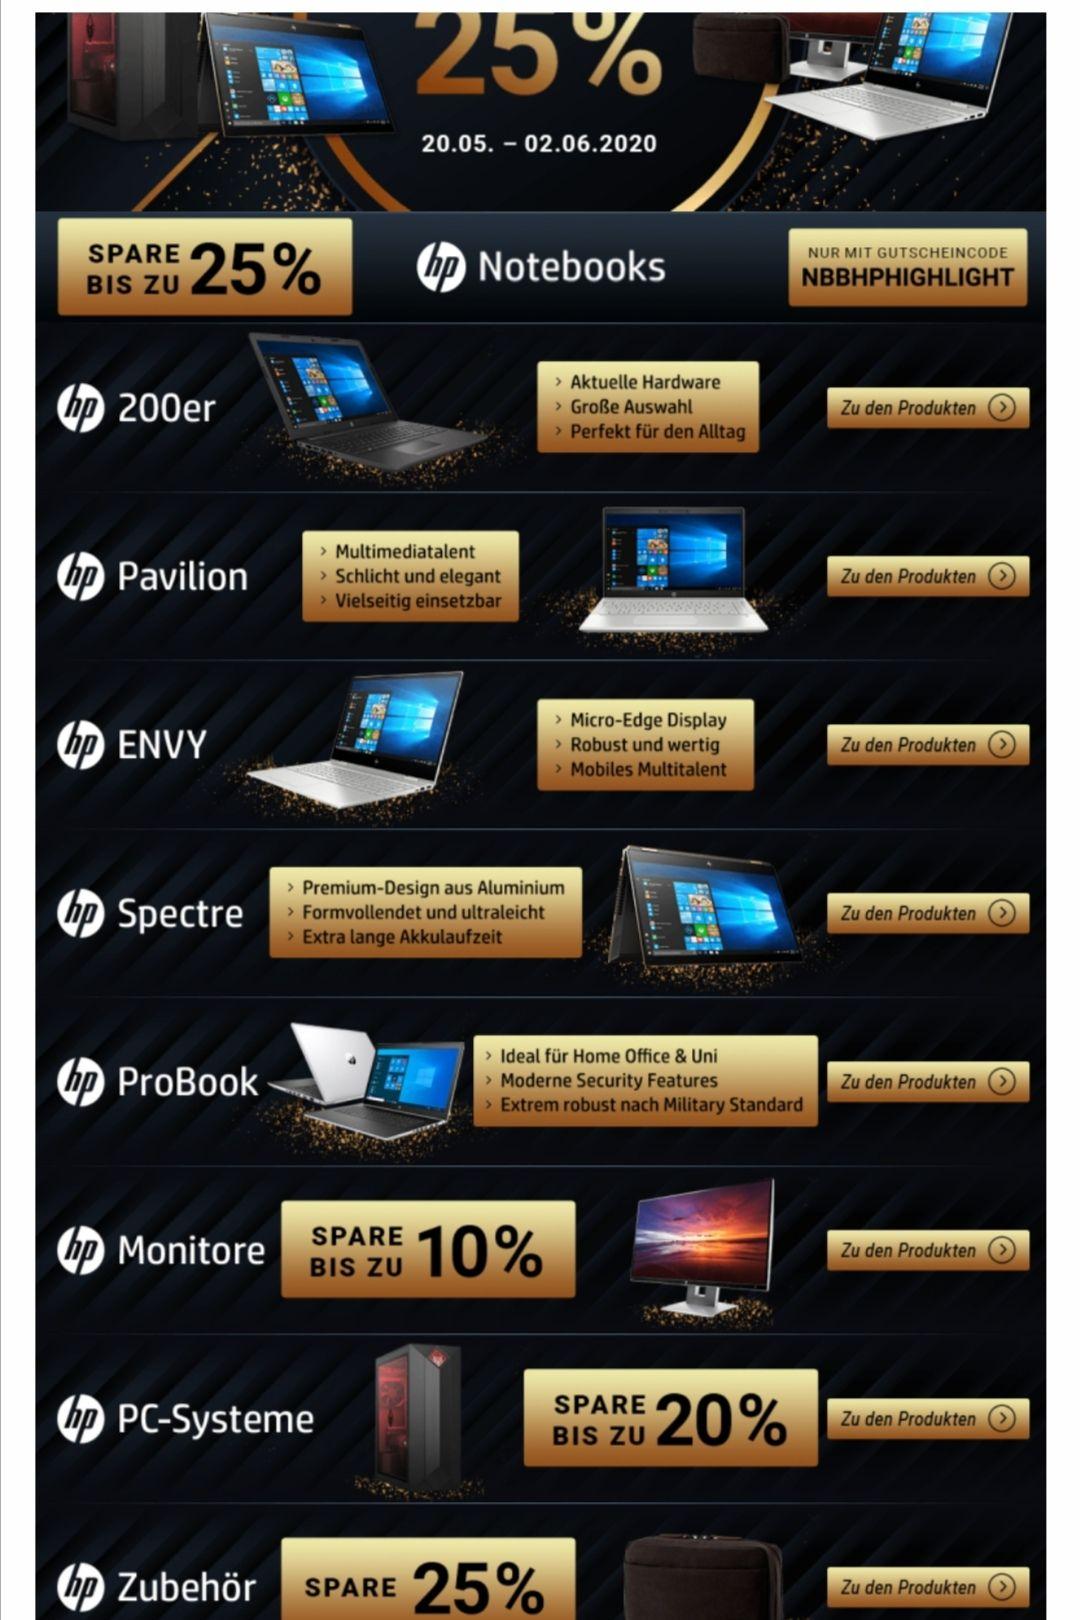 Hp Notebooks und Desktop bis zu 25% reduziert.